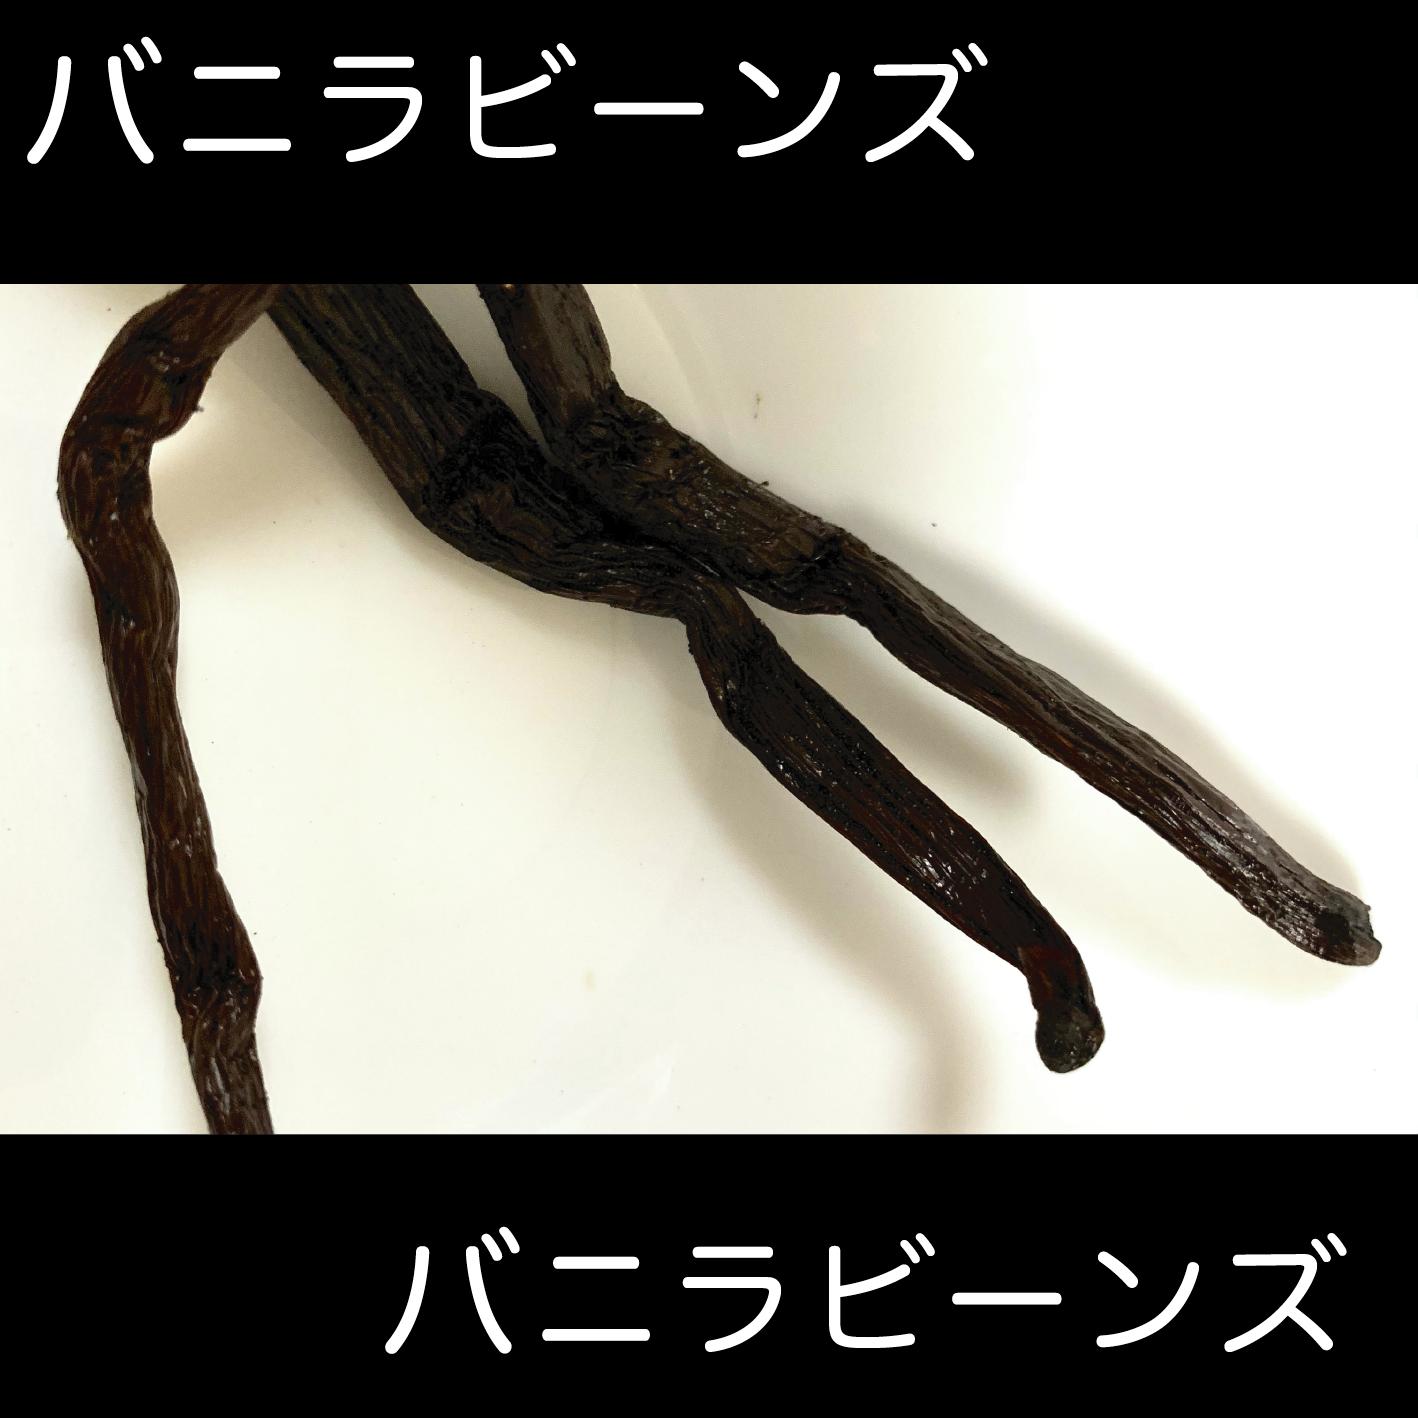 クラフトコーラの食材紹介 vol.7 バニラビーンズ